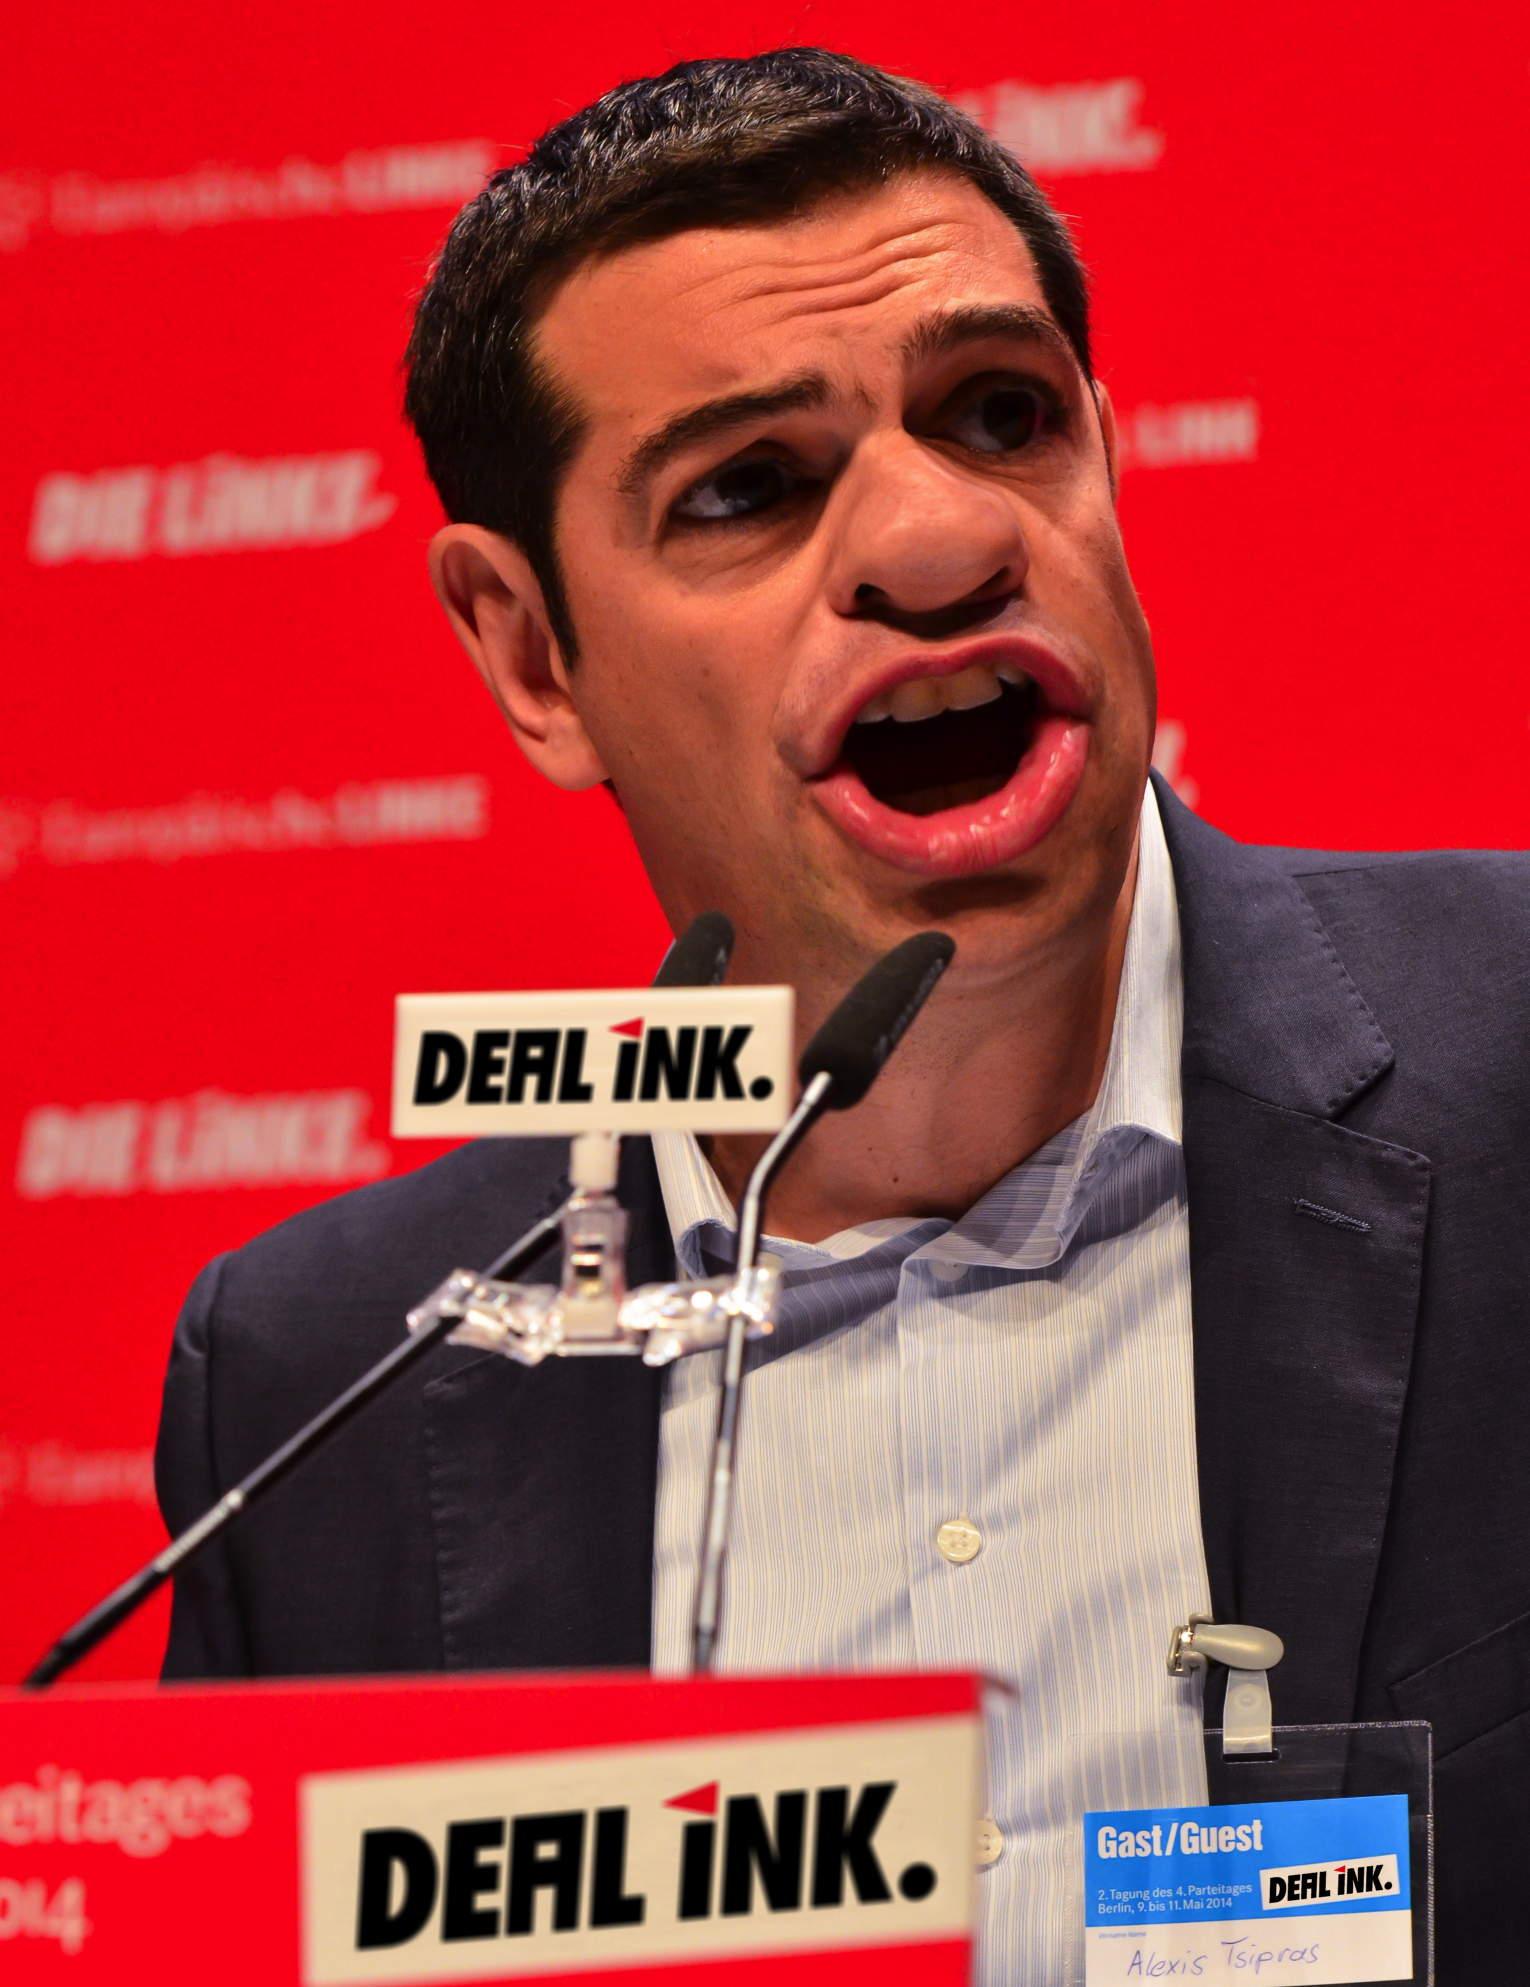 Alexis Tsipras bei der Runde der Tintendealer ink dealer in Deutschland neue strategien fuer Griechenland finanzkrise